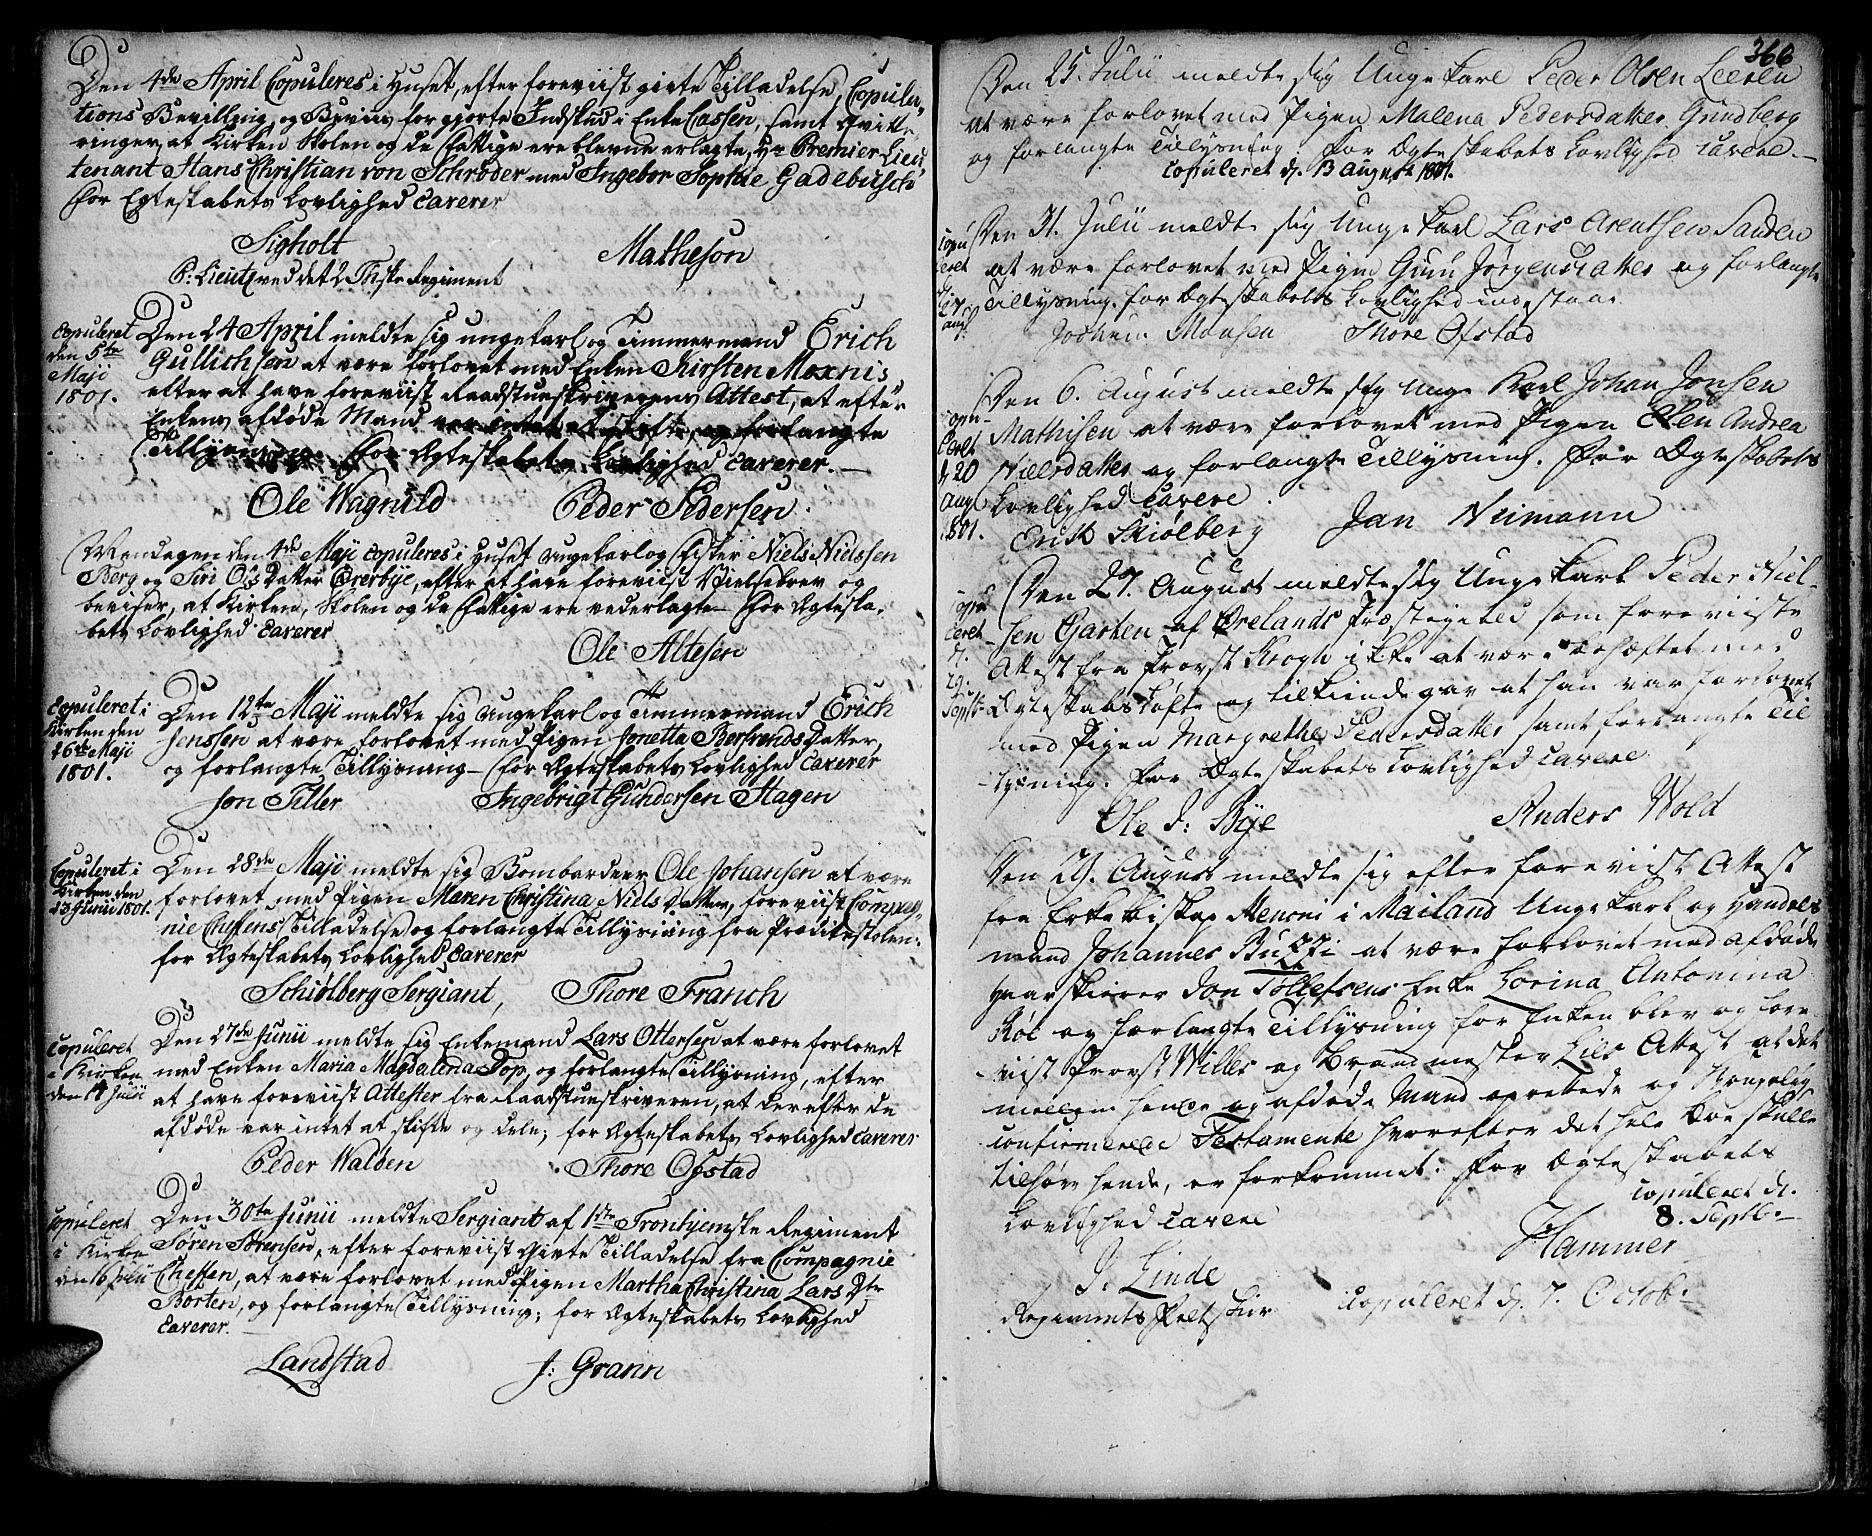 SAT, Ministerialprotokoller, klokkerbøker og fødselsregistre - Sør-Trøndelag, 601/L0038: Ministerialbok nr. 601A06, 1766-1877, s. 366